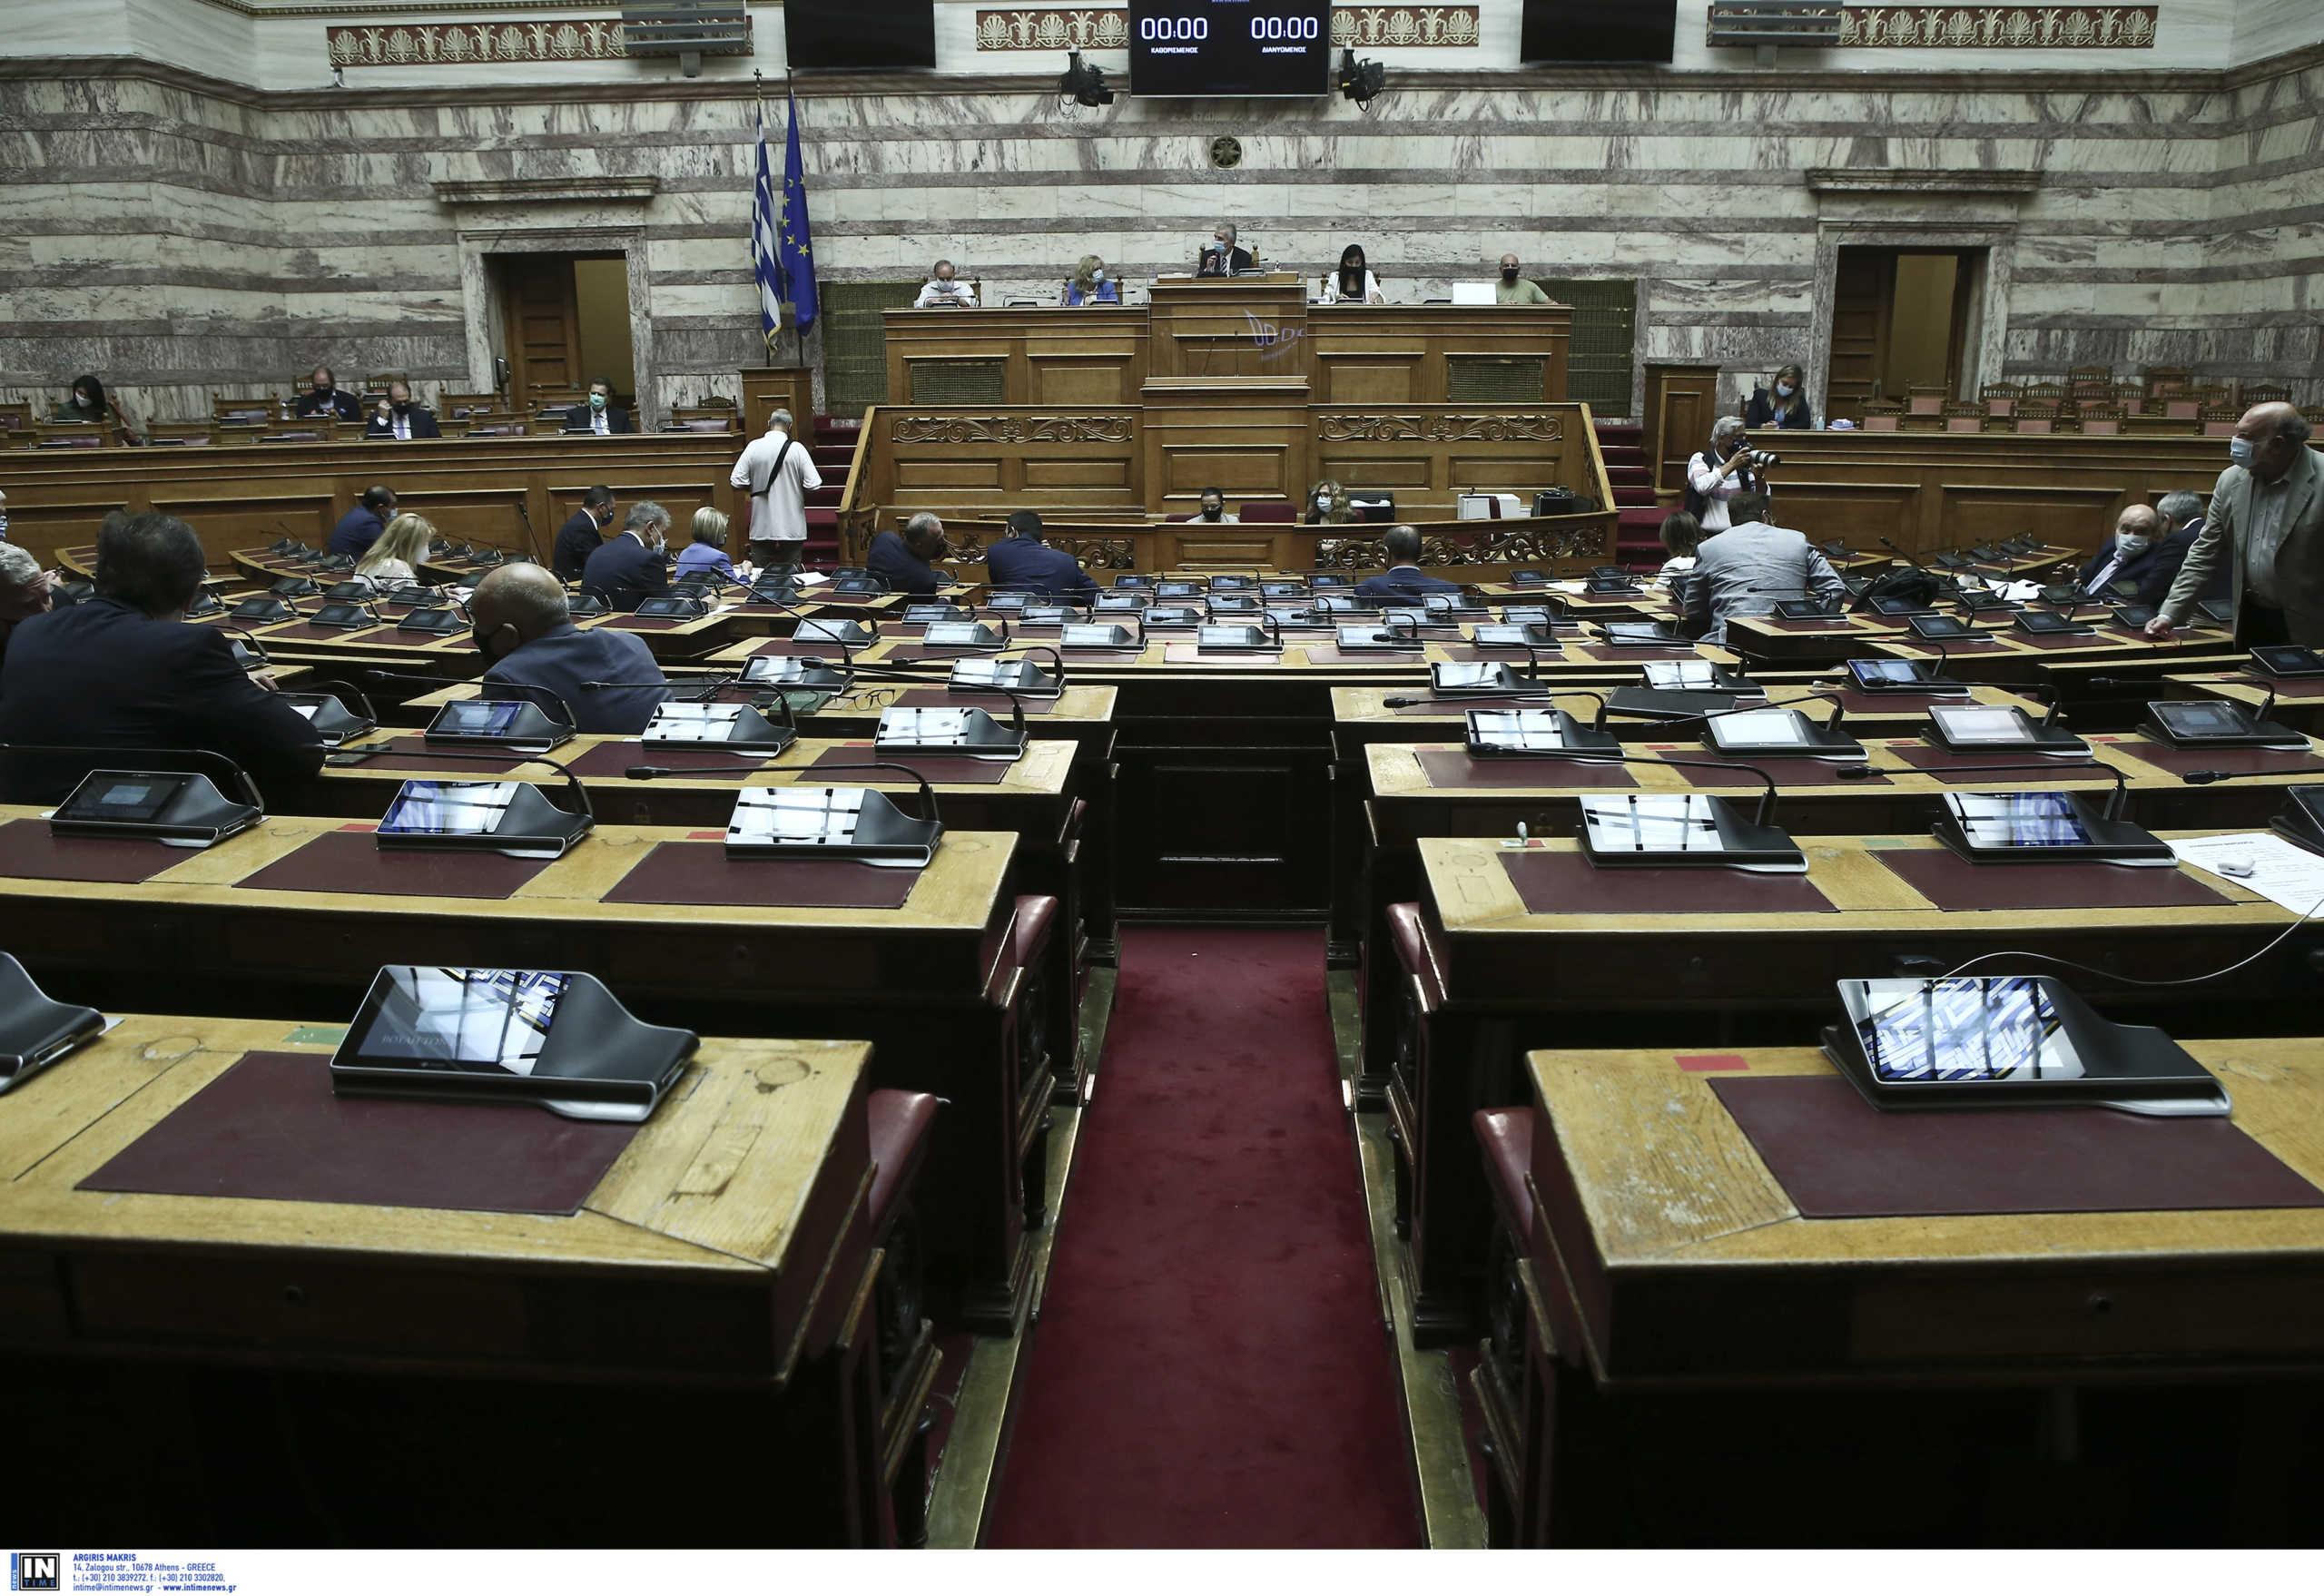 «Σκοτωμός» στη Βουλή μεταξύ κυβέρνησης και αντιπολίτευσης – Ιανός και κορονοϊός στο επίκεντρο  της αντιπαράθεσης